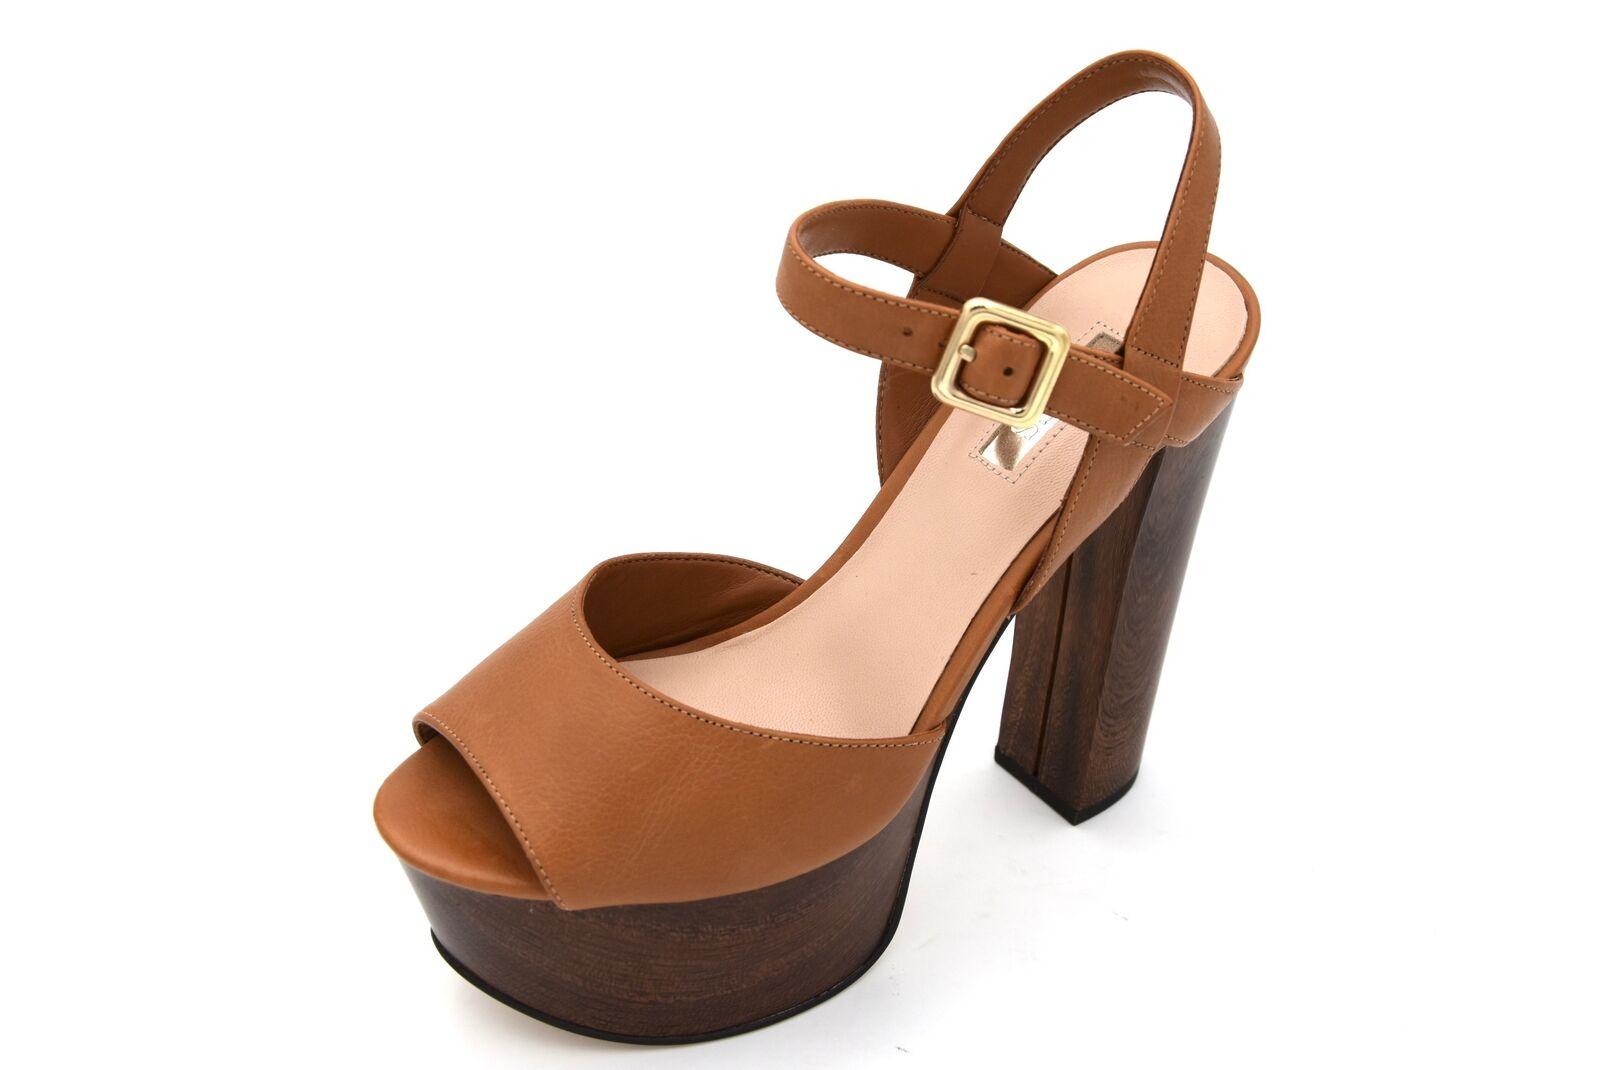 9e4fa64e008 GUESS MUJER ZAPATO SANDALIA TACONES DE AGUJA CUERO PIEL ART. FLDE21LEA03  nqasbr1898-zapatos nuevos